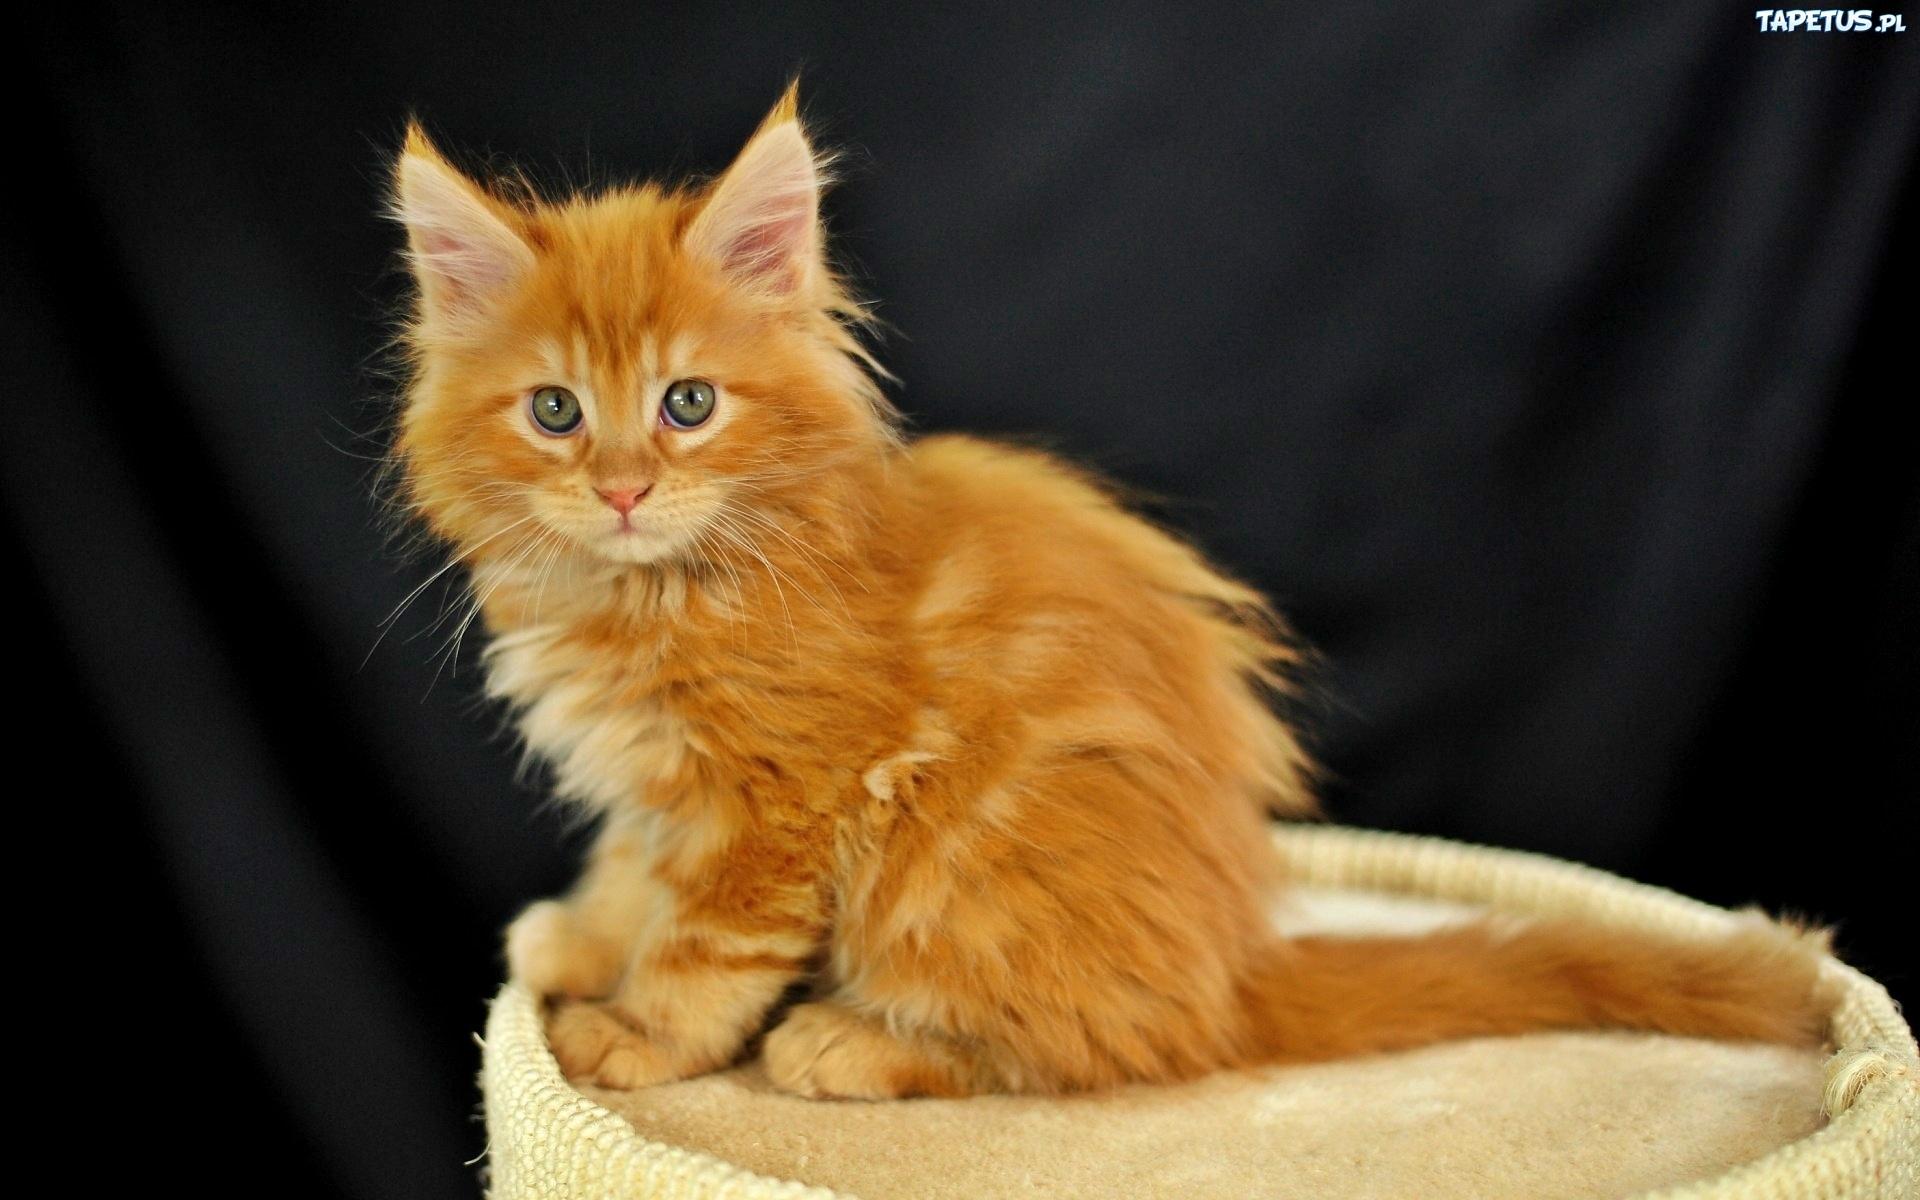 Mały Rudy Kot Długa Sierść